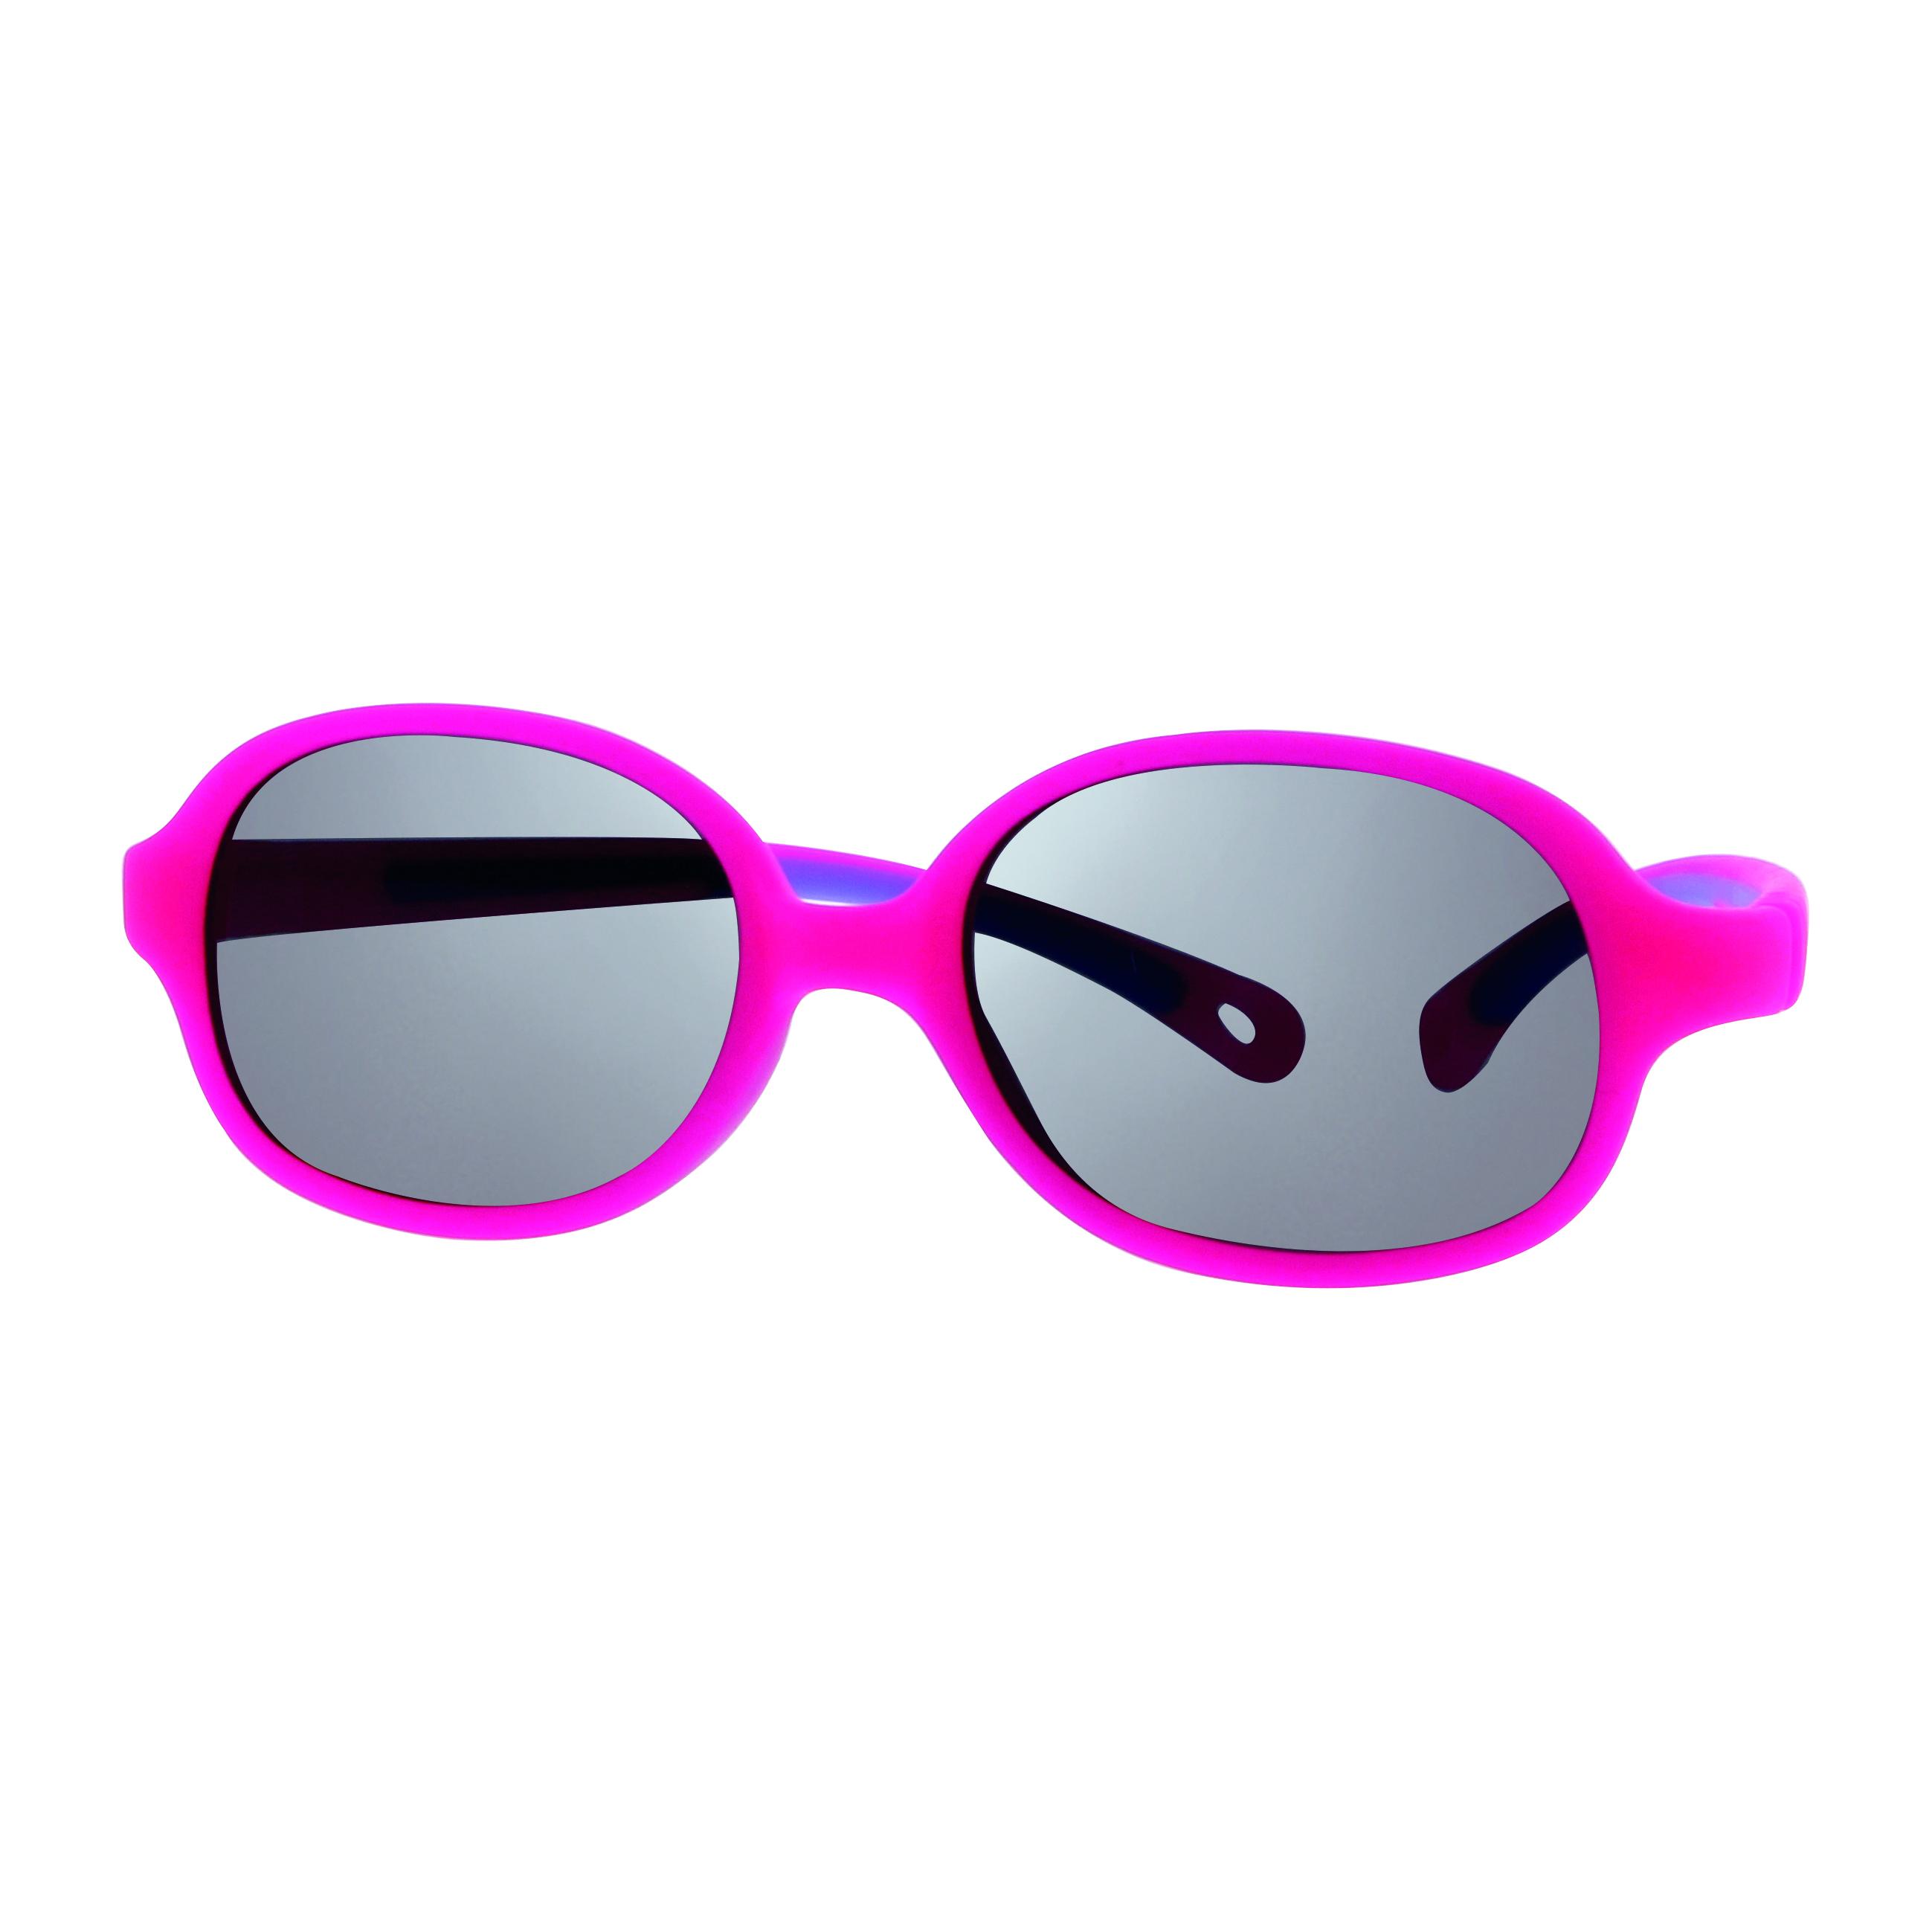 02S009542177001 - Óculos-Solar Inf Baby One 42x15 Rosa/Roxo Mod S0095 FLAG E - Contém 1 Peça SOB ENCOMENDA